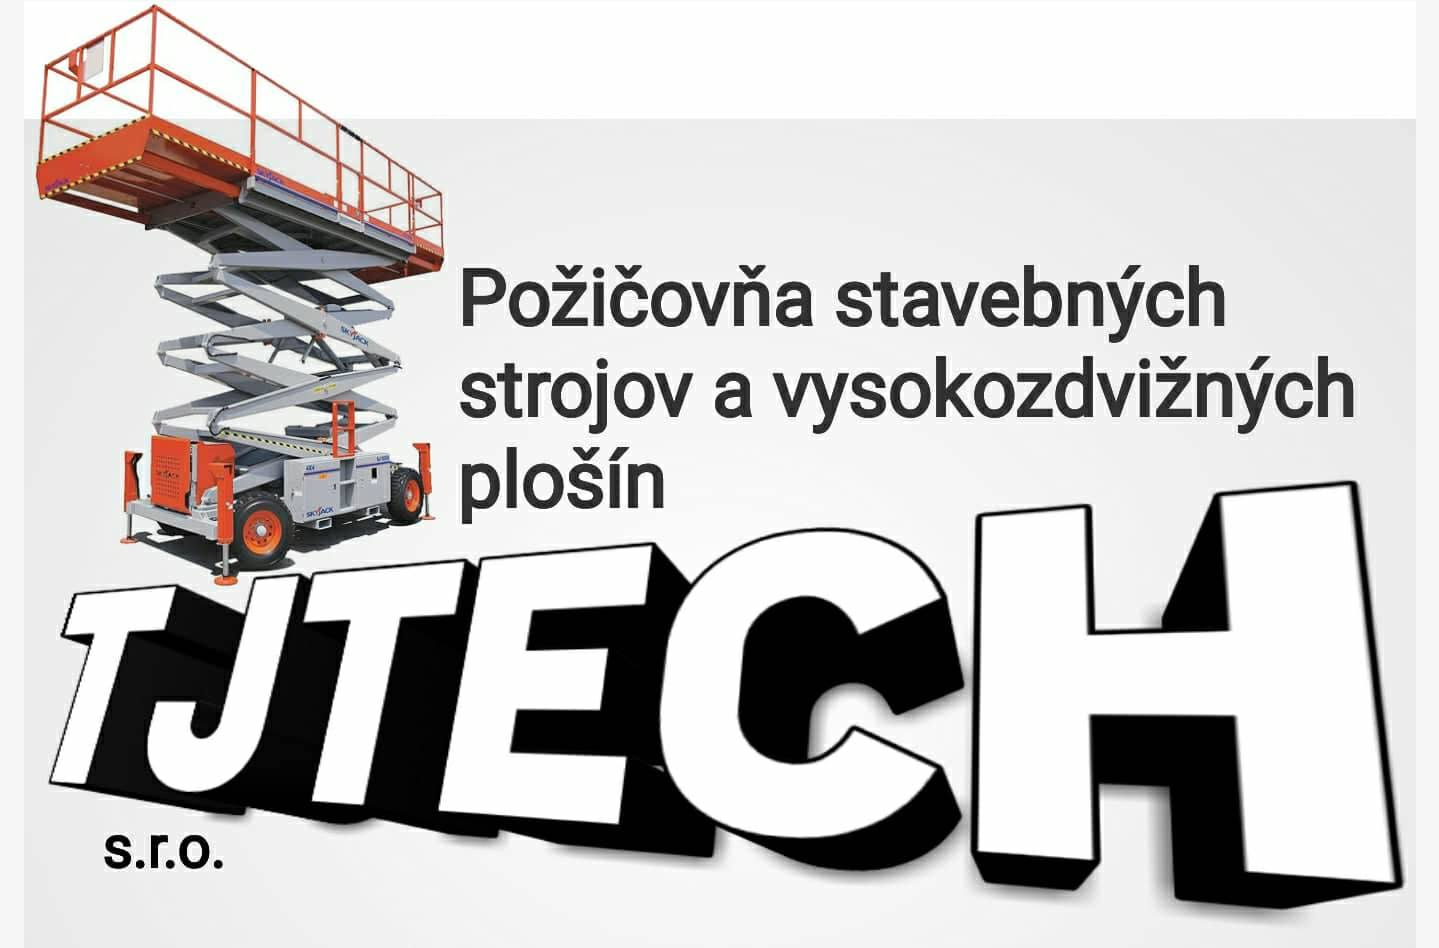 TJtech